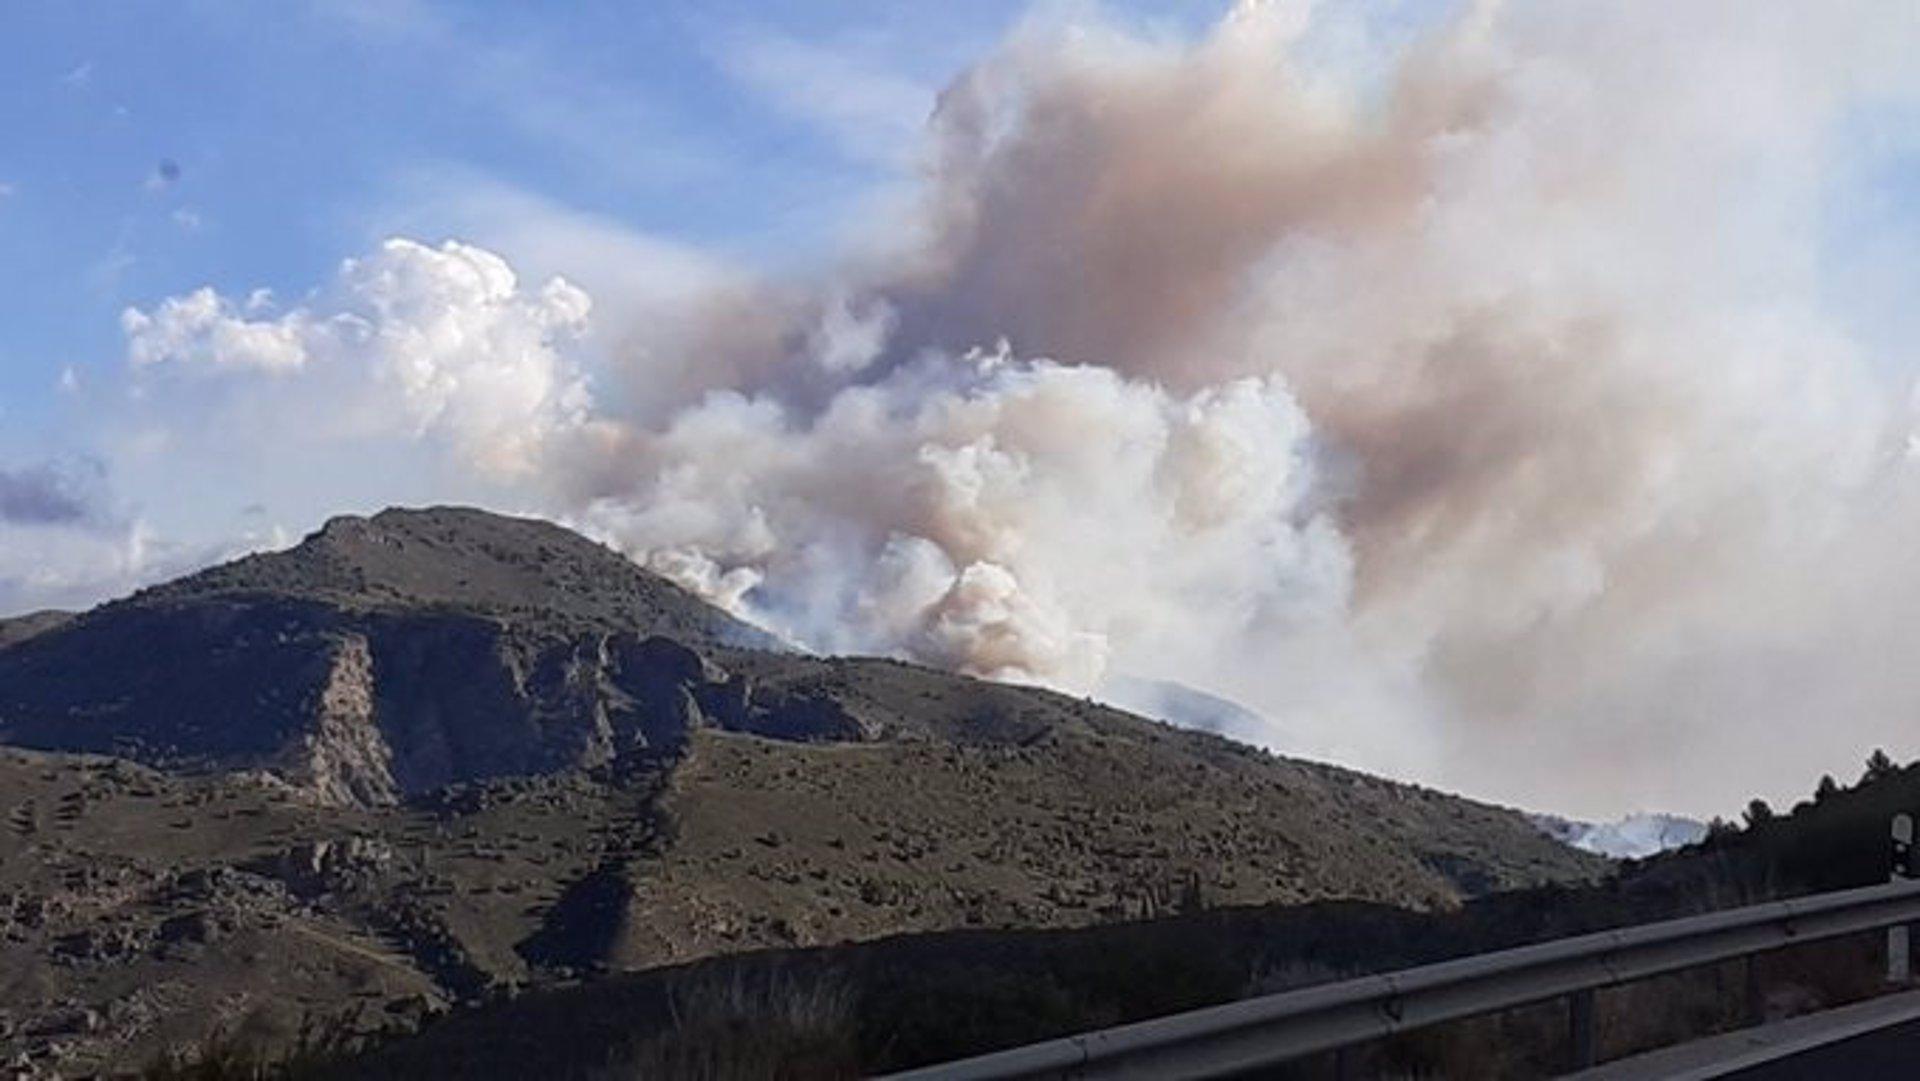 Rachas de hasta 80 kilómetros por hora fuerzan la retirada de medios aéreos en el incendio de Órgiva